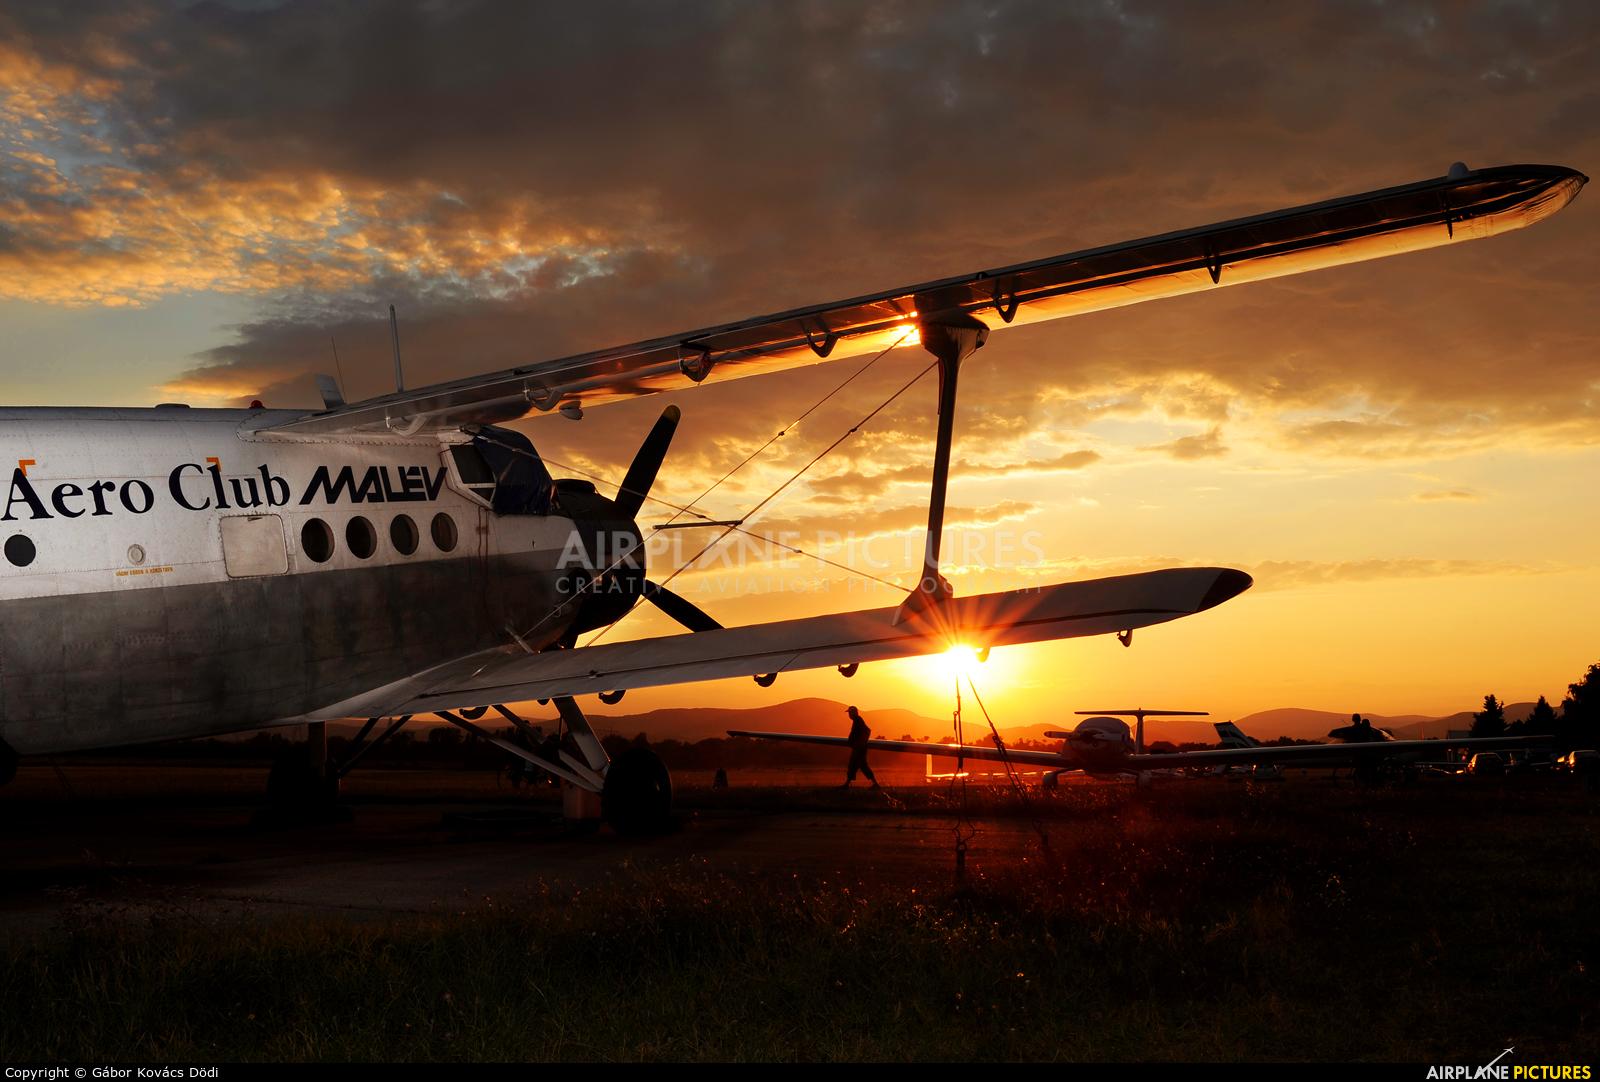 Malév Aero Club HA-YHF aircraft at Dunakeszi